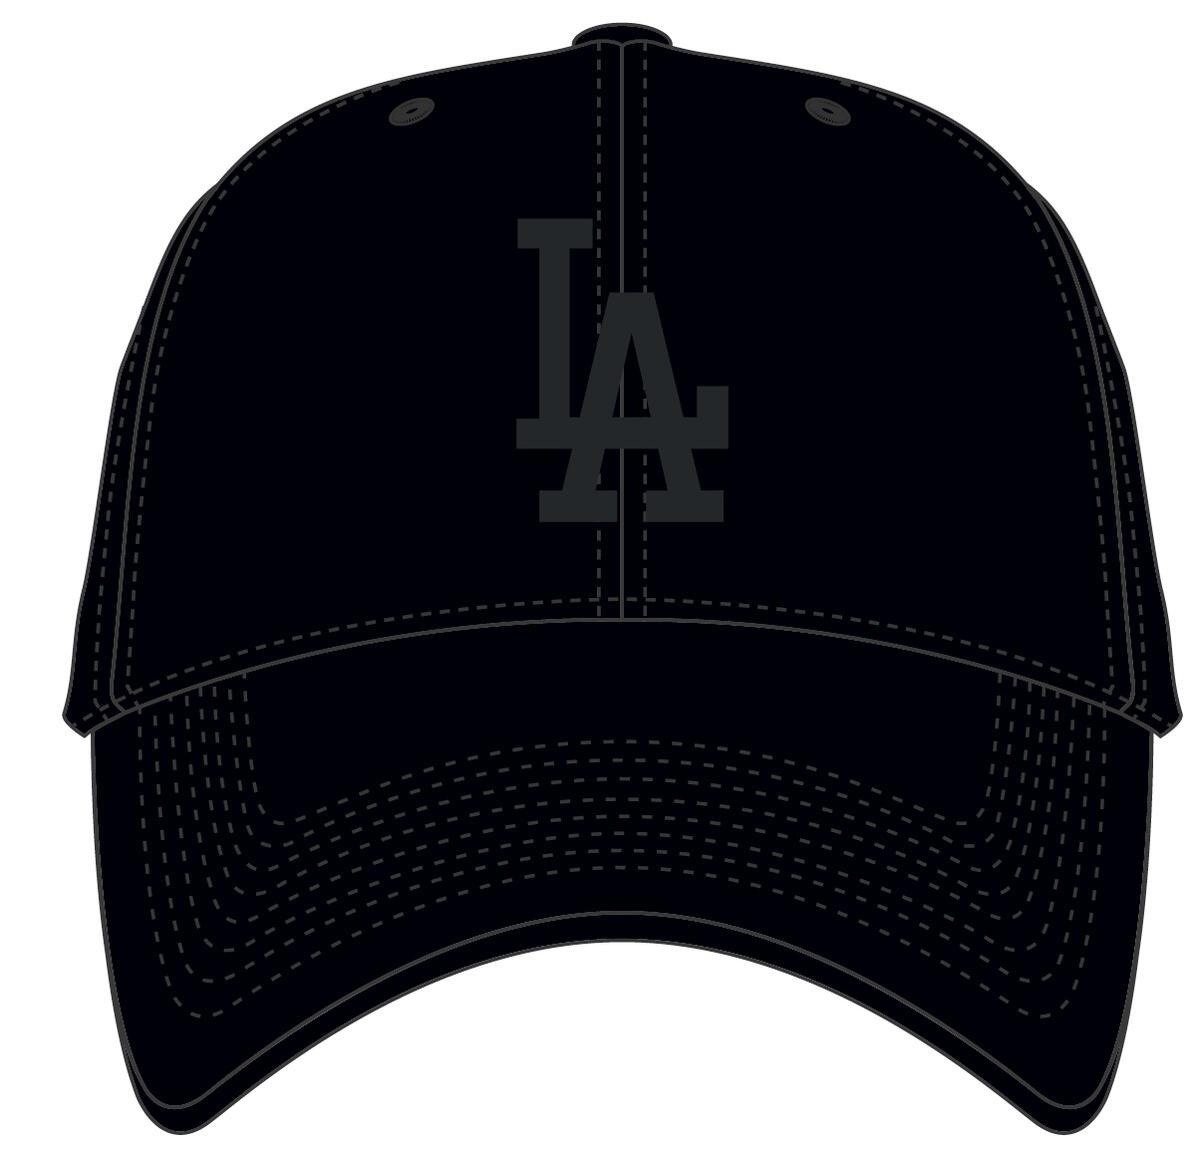 47 BRAND CZAPKA LOS ANGELES DODGERS MELTON CZARNA (B-MLTSP12WMP-BK)